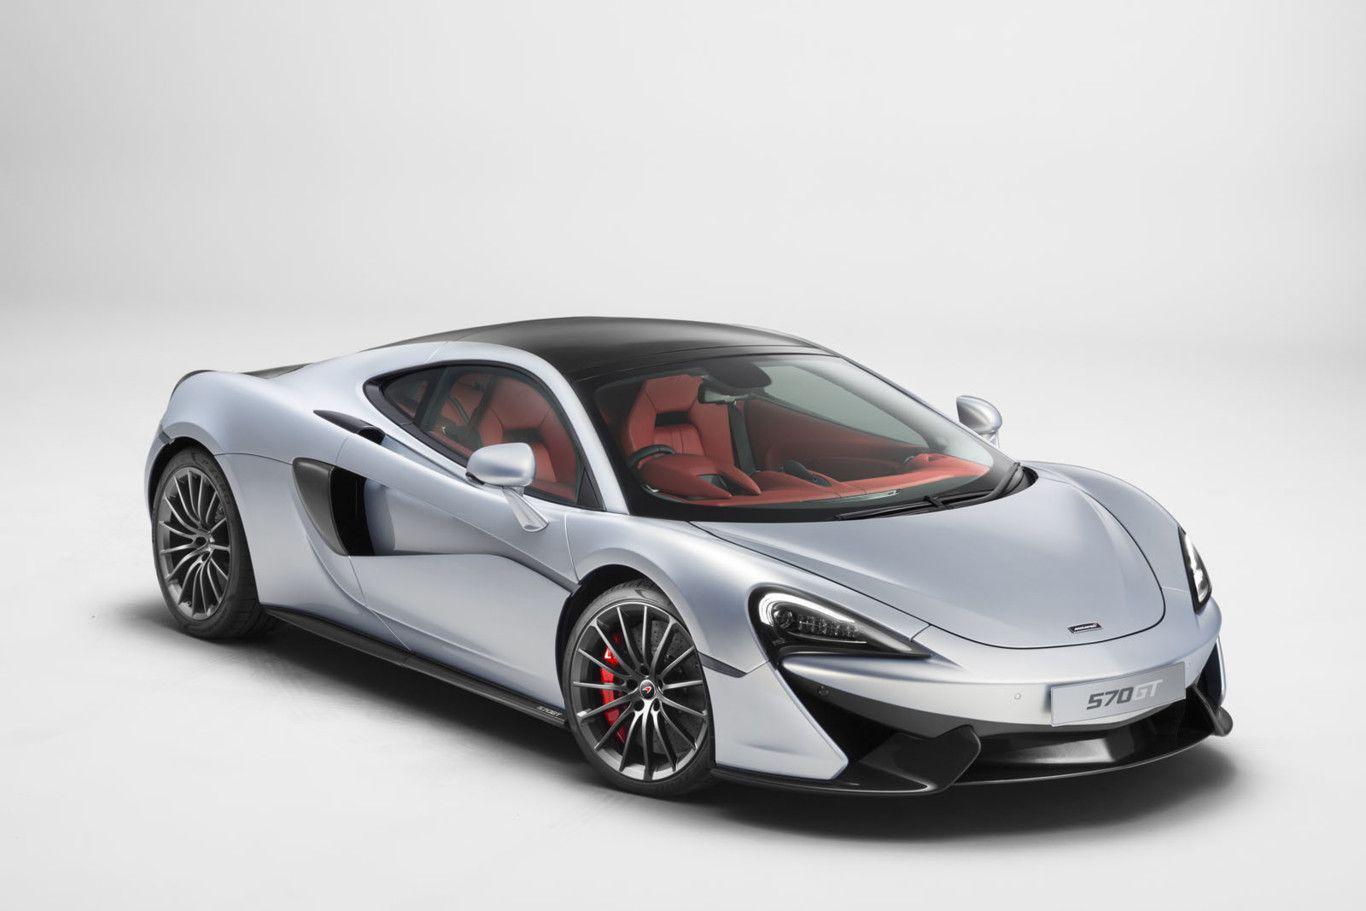 Perspectiva frontolateral del McLaren 570GT de color plateado claro